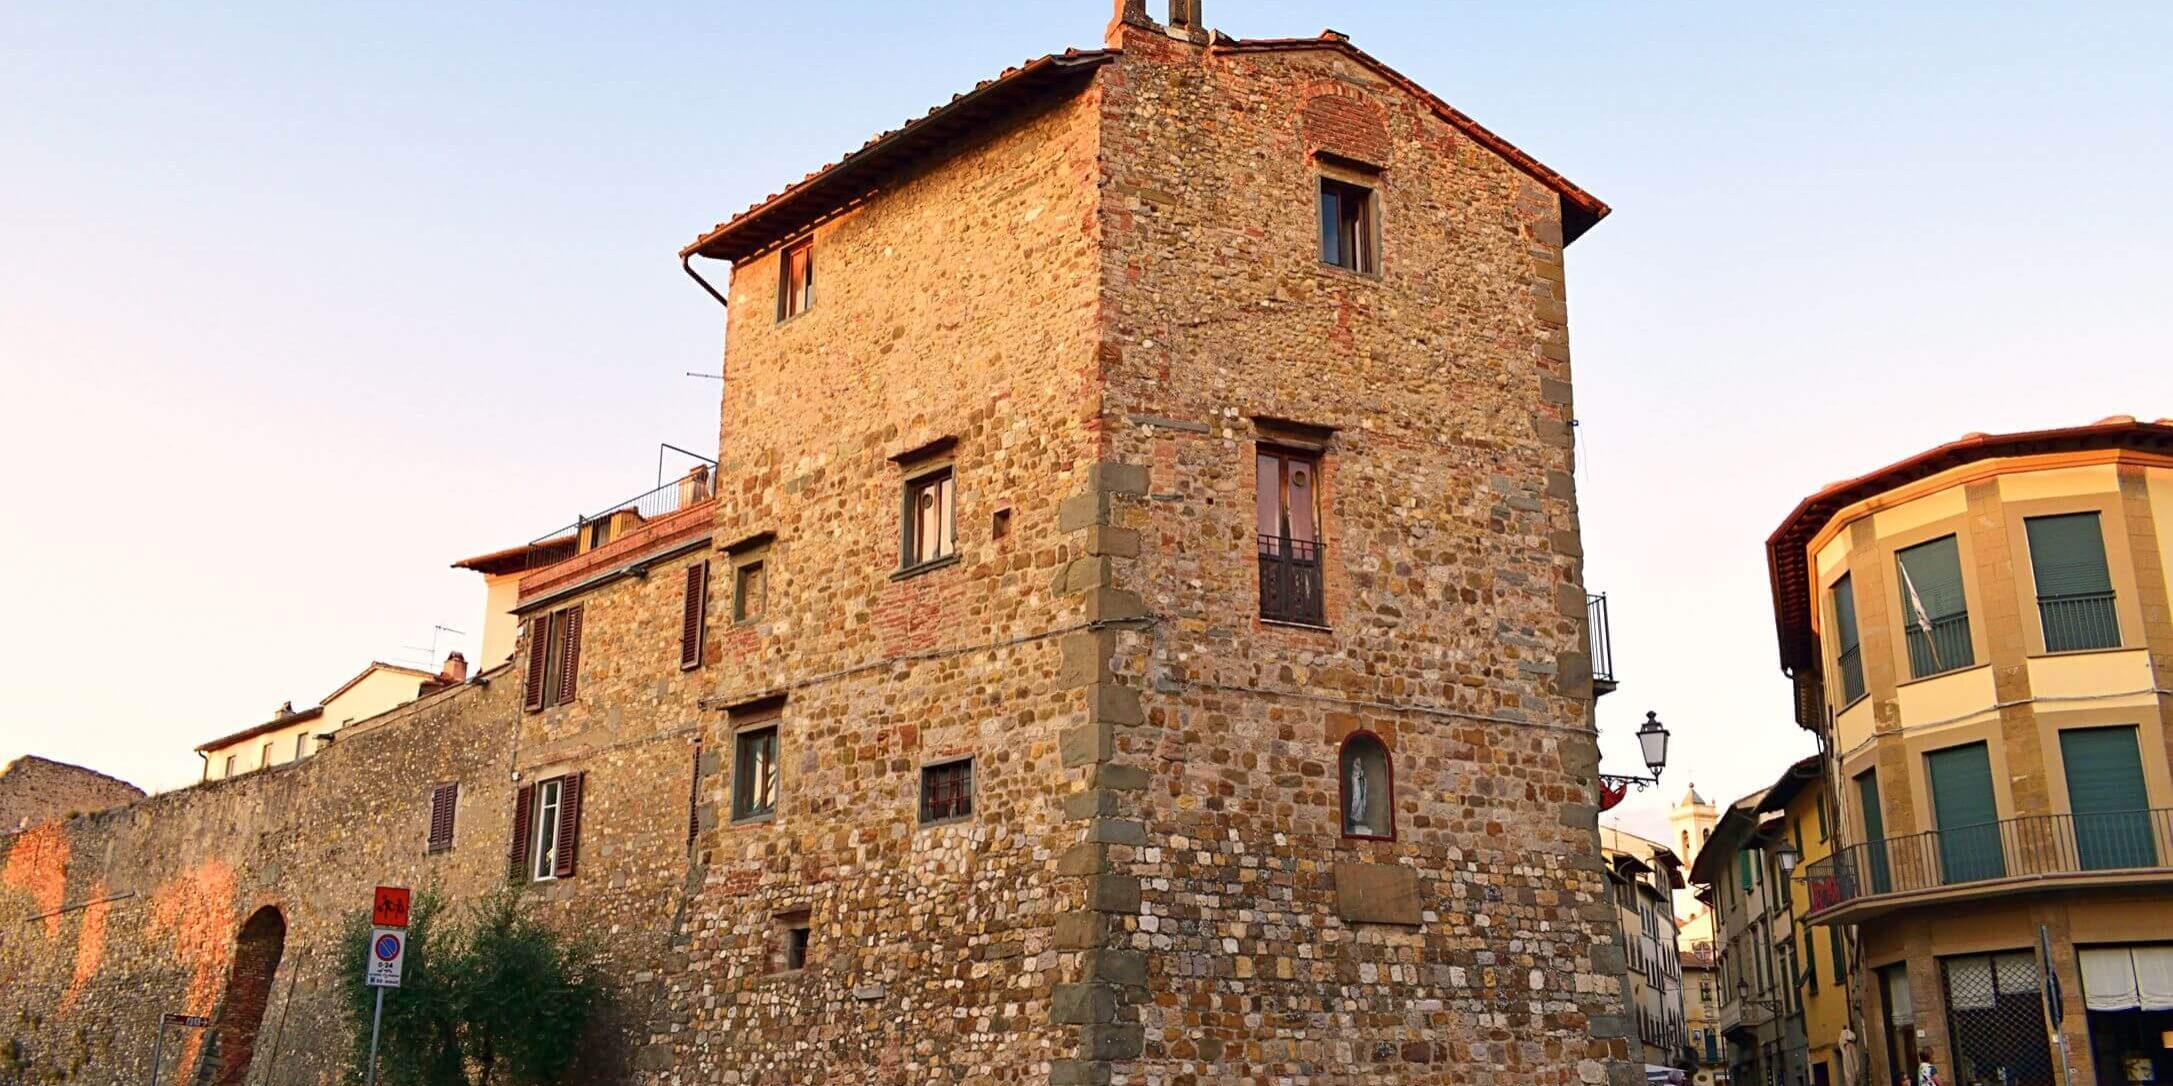 36-VisitChianti-San-casciano-val-di-pesa-toscana-shutterstock_1366459844-2173x1566